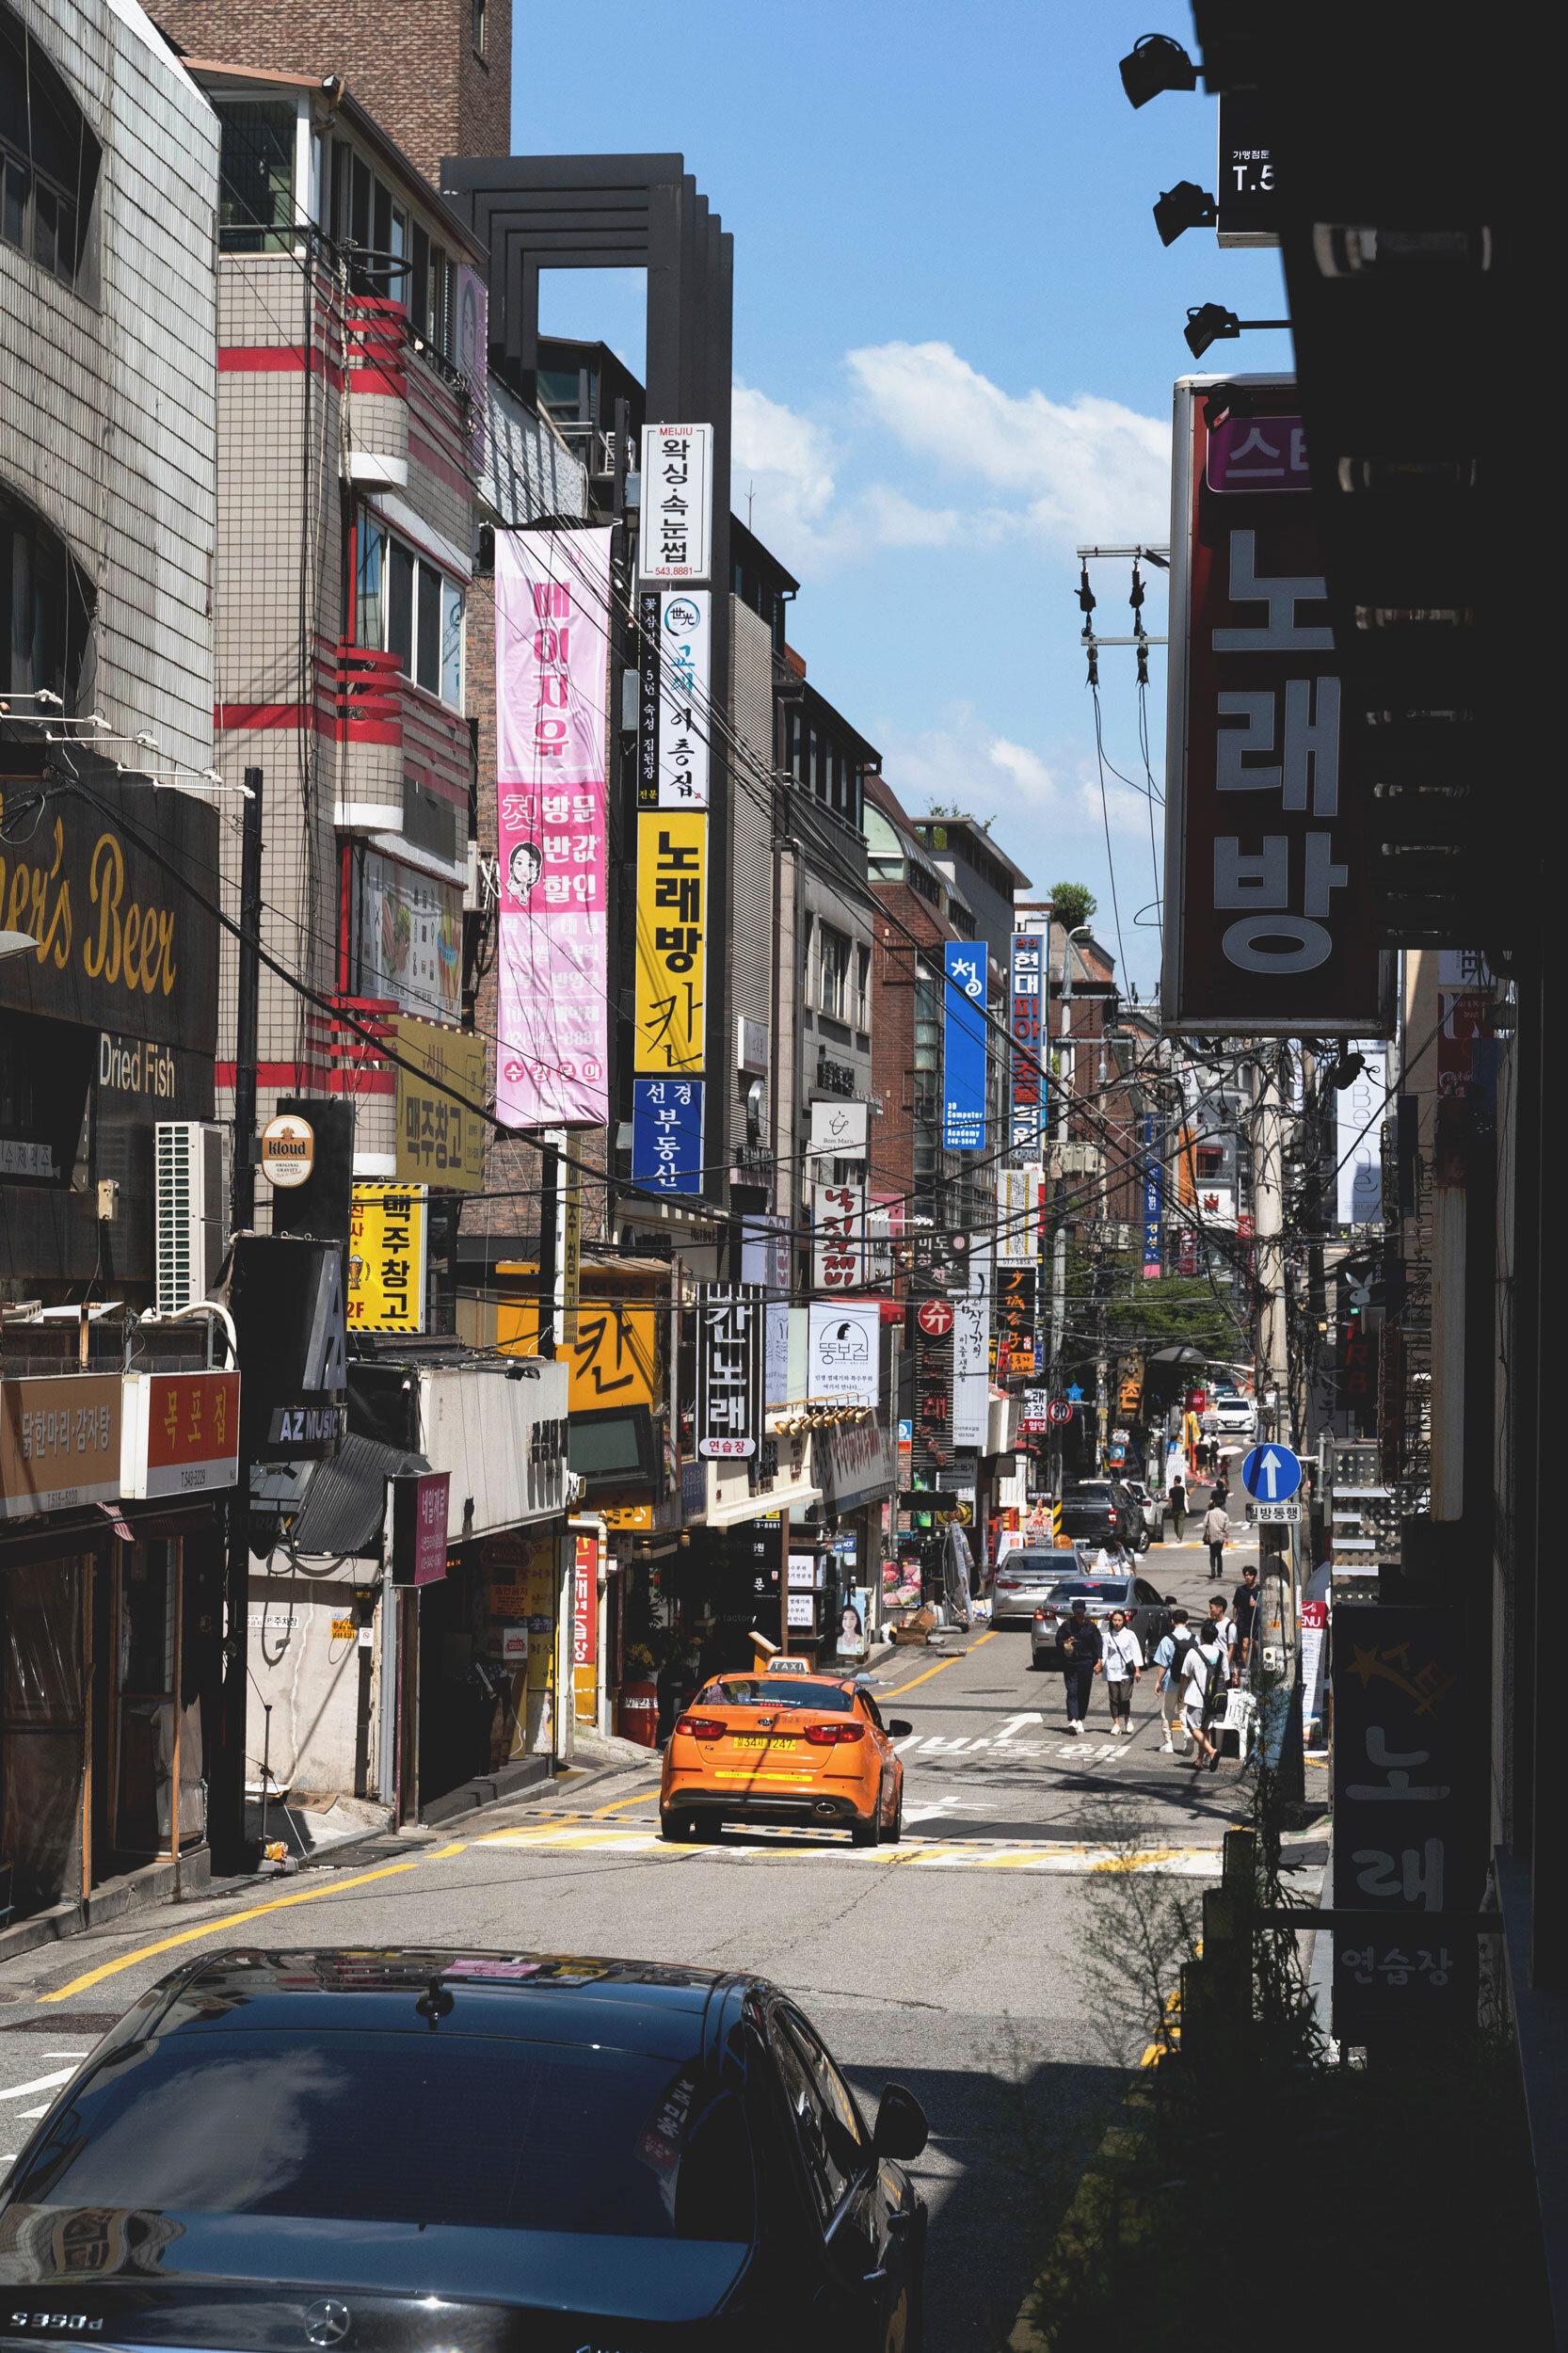 A side street in Apgujeong in Gangnam, Seoul